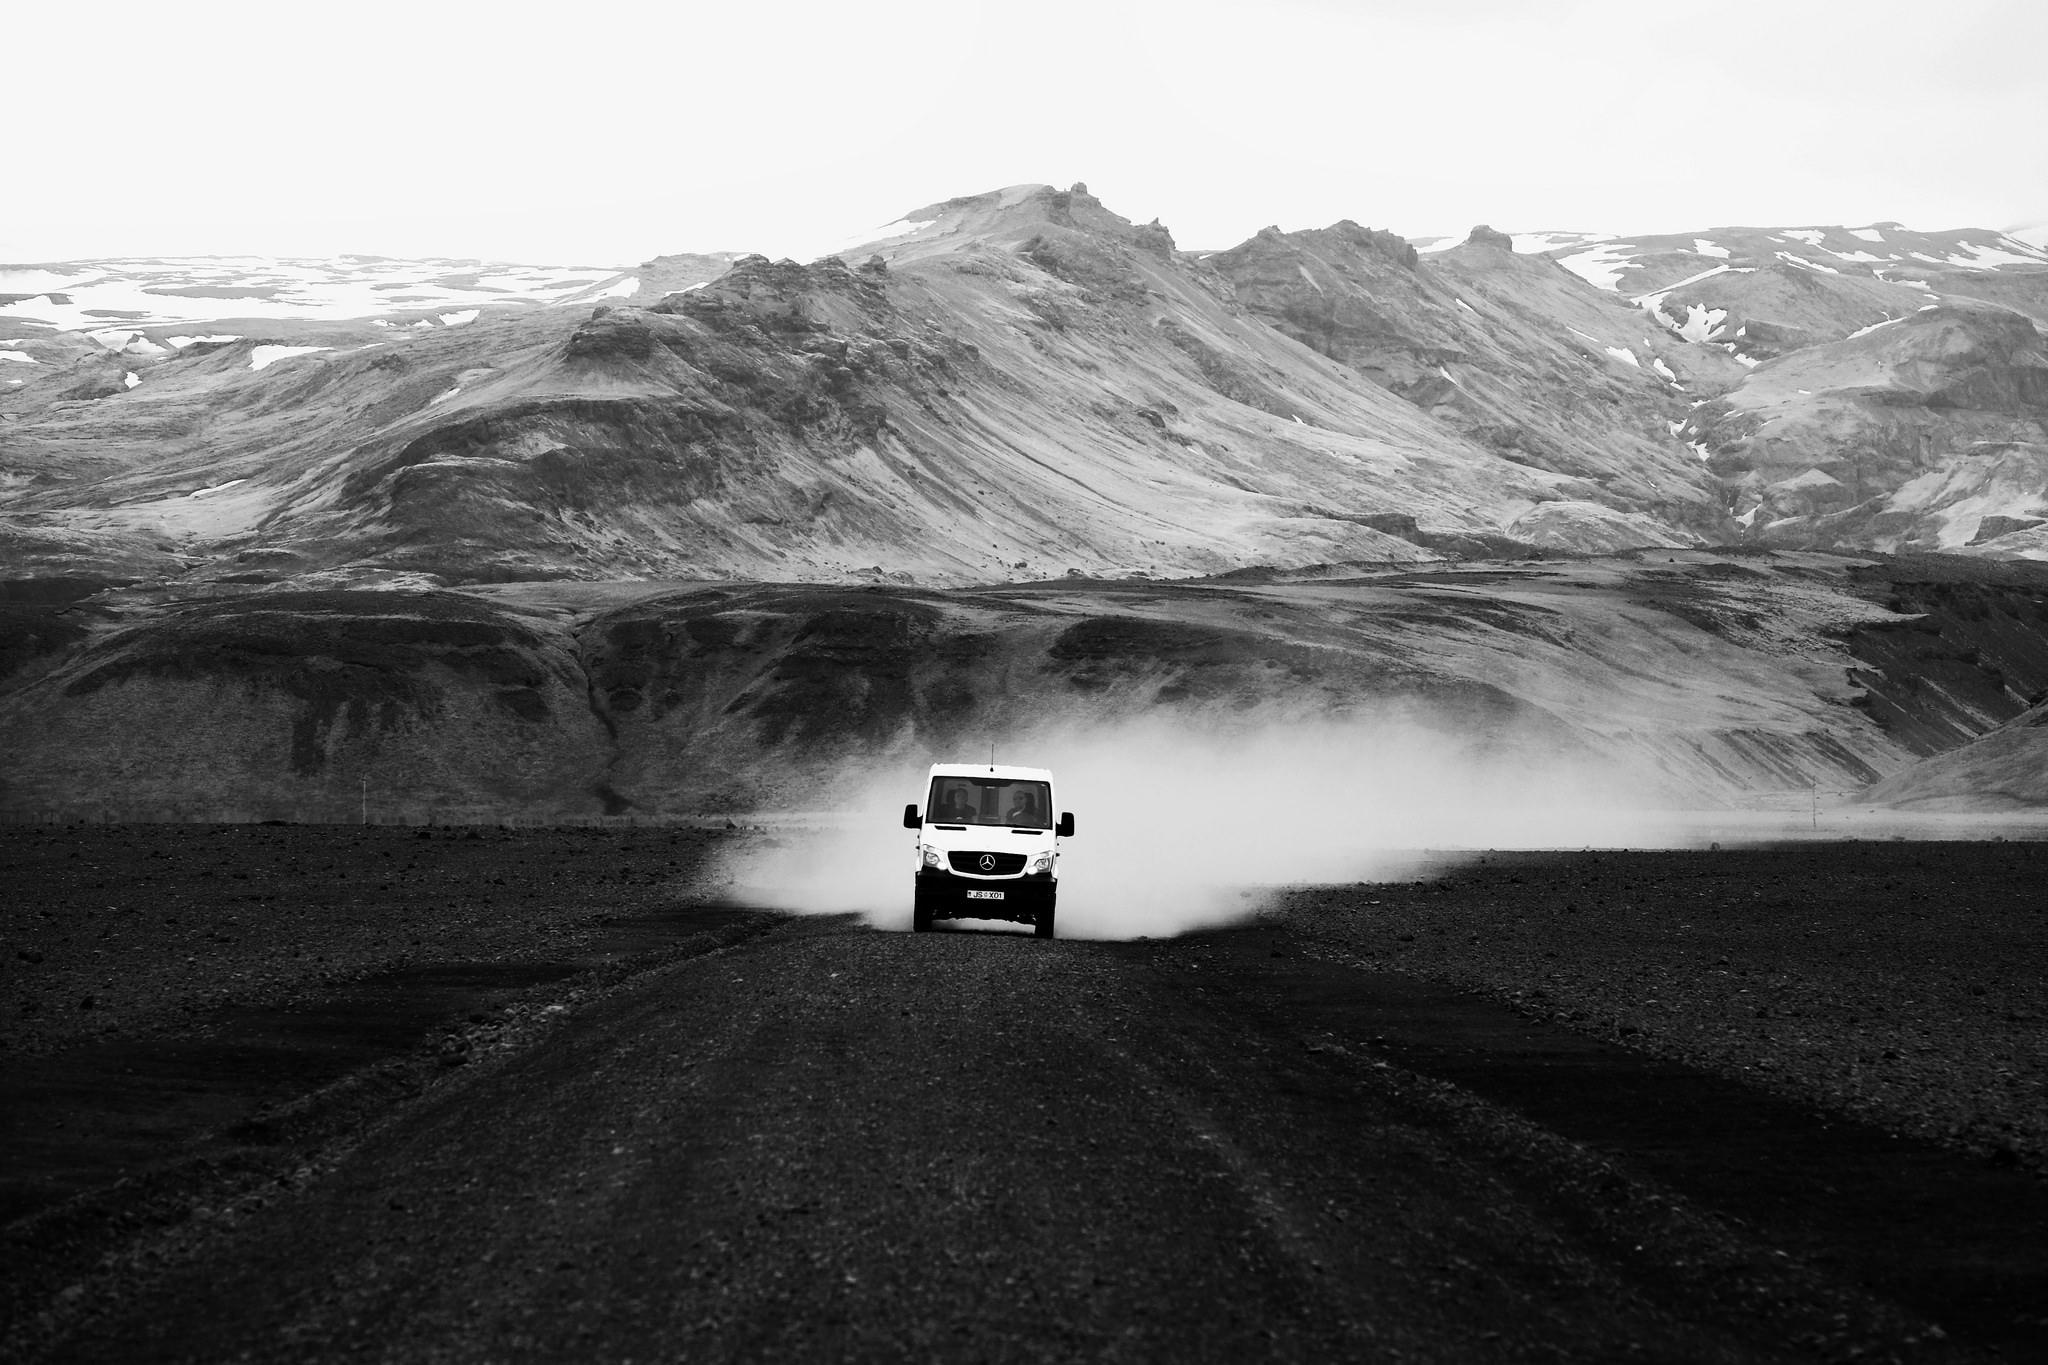 冰島的五月|春末初夏自助旅行--參團,超過4-5 就算是機率偏高了. 當然, Greater Reykjavik,自駕全攻略 | Guide to Iceland